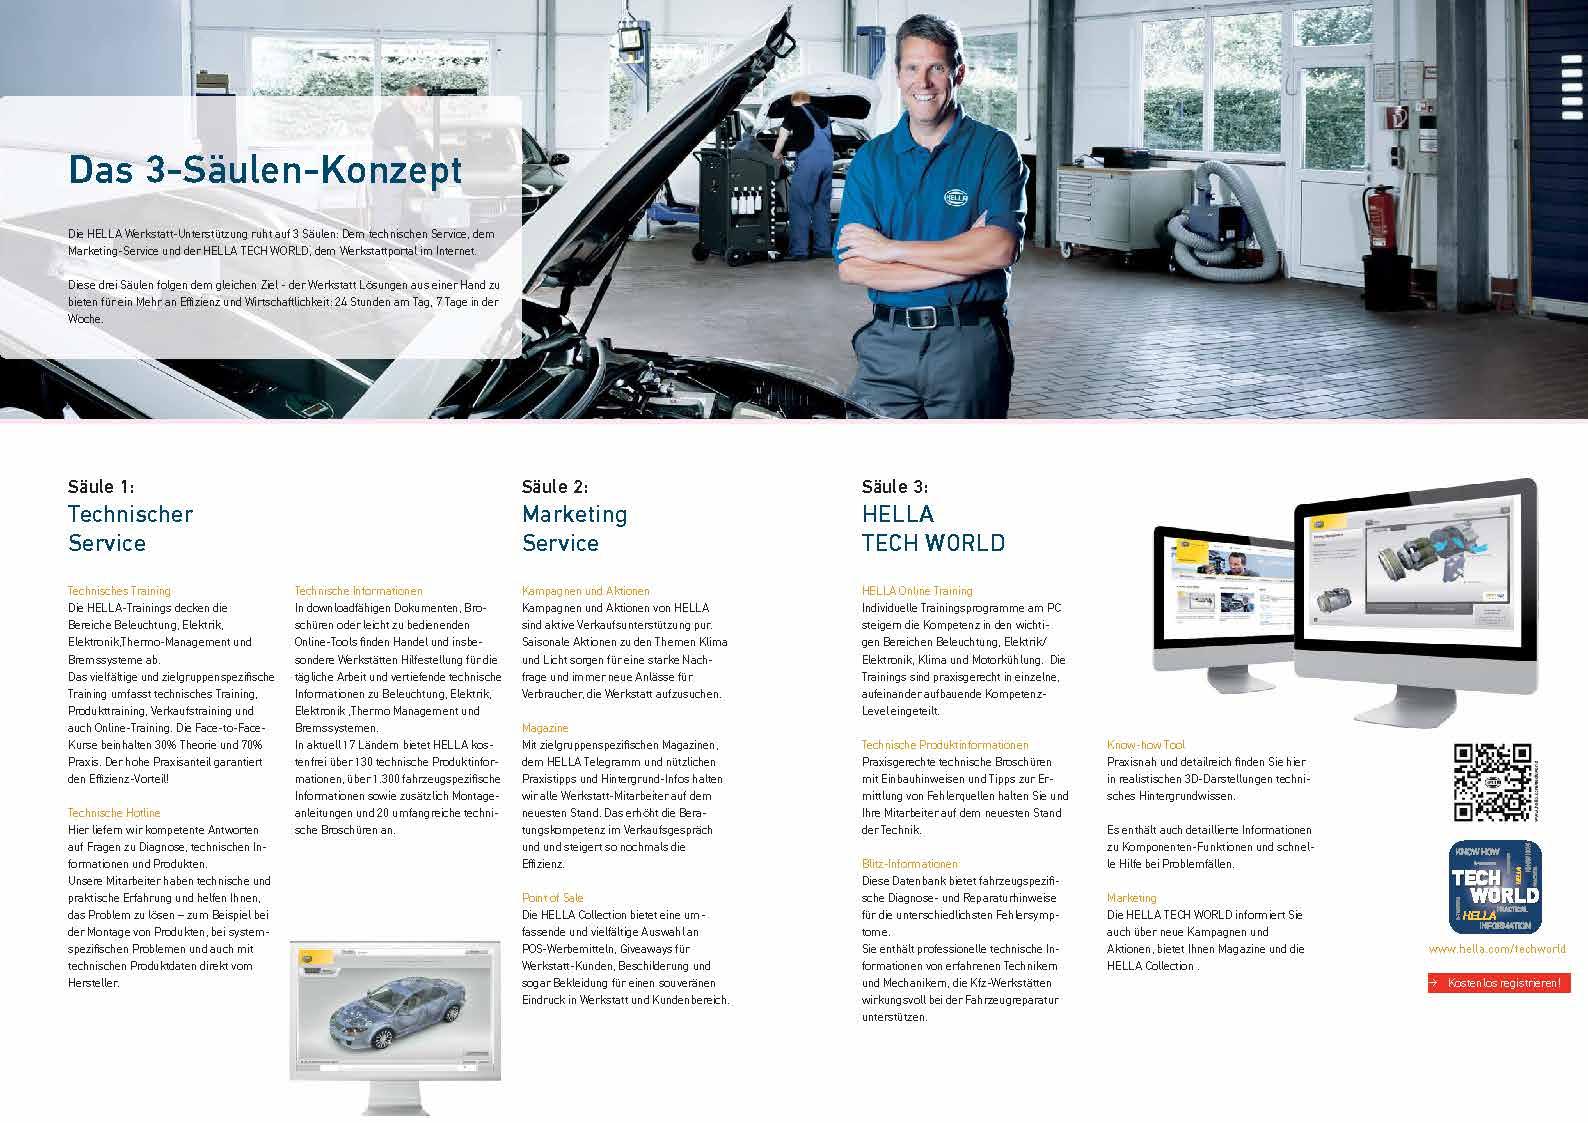 Werbeagentur Mittelstand Technik